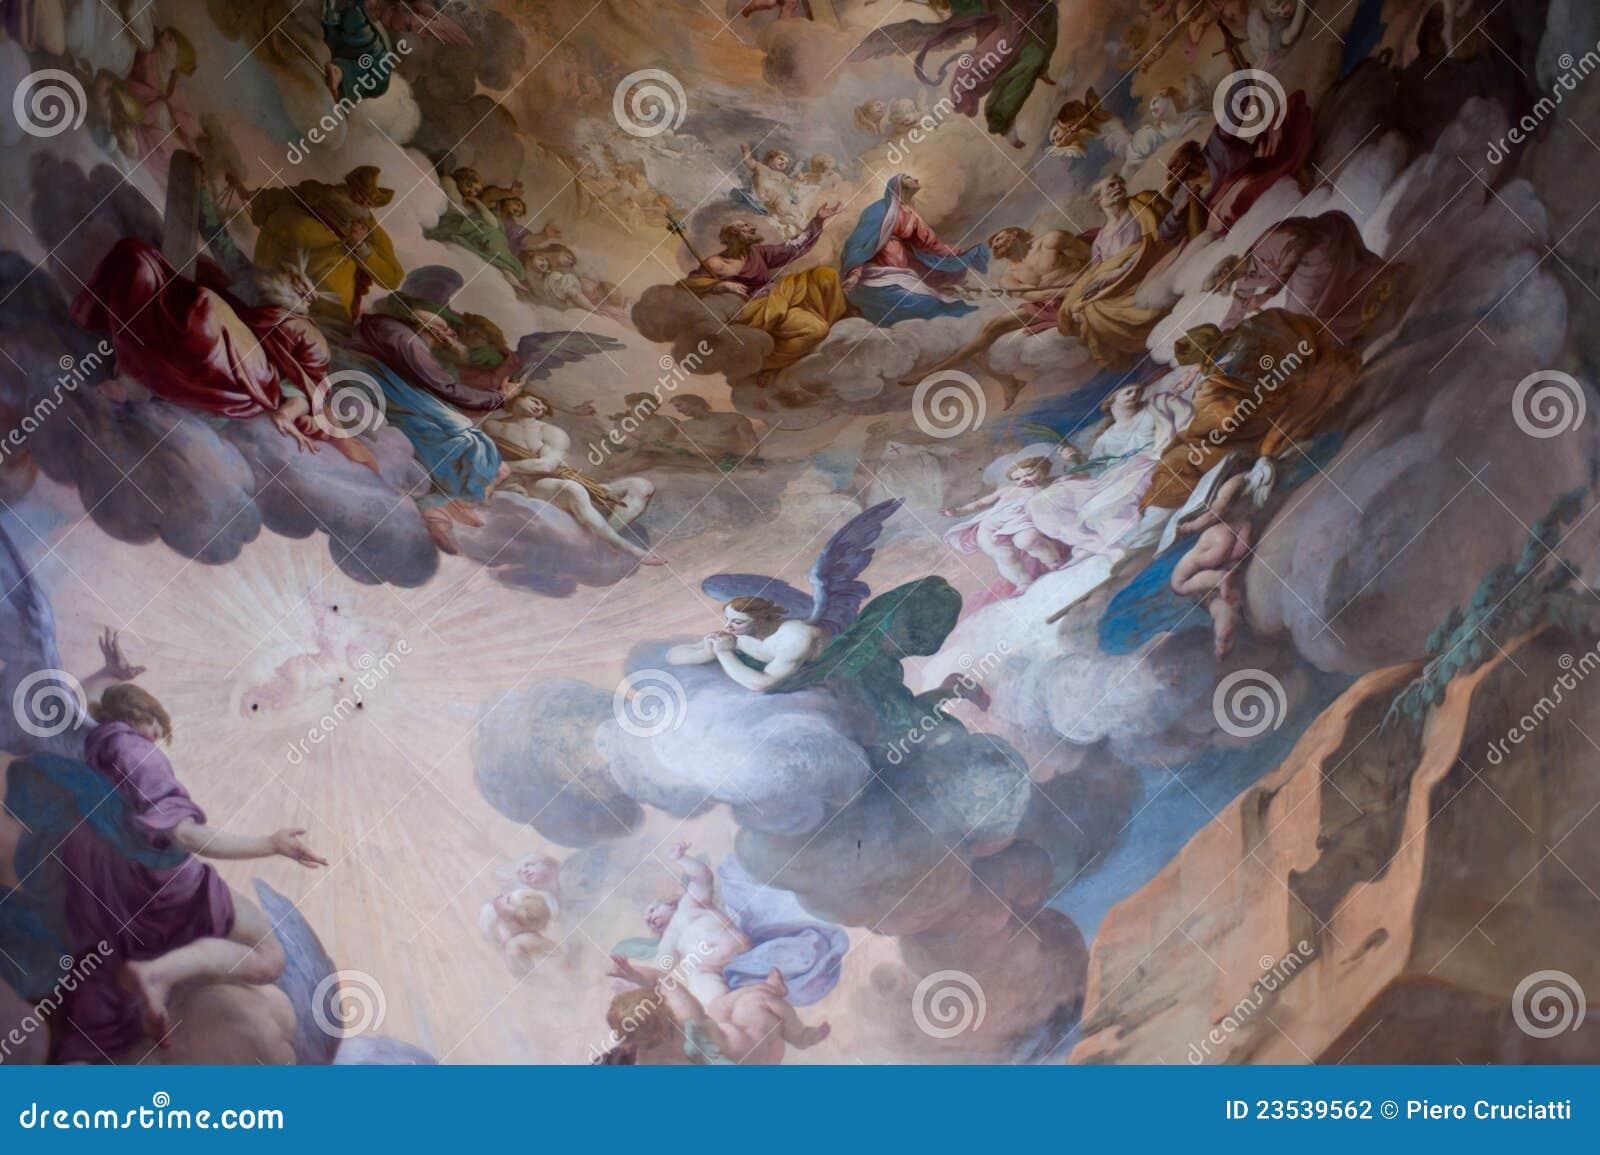 Fresque dans Sacro Monte, l UNESCO